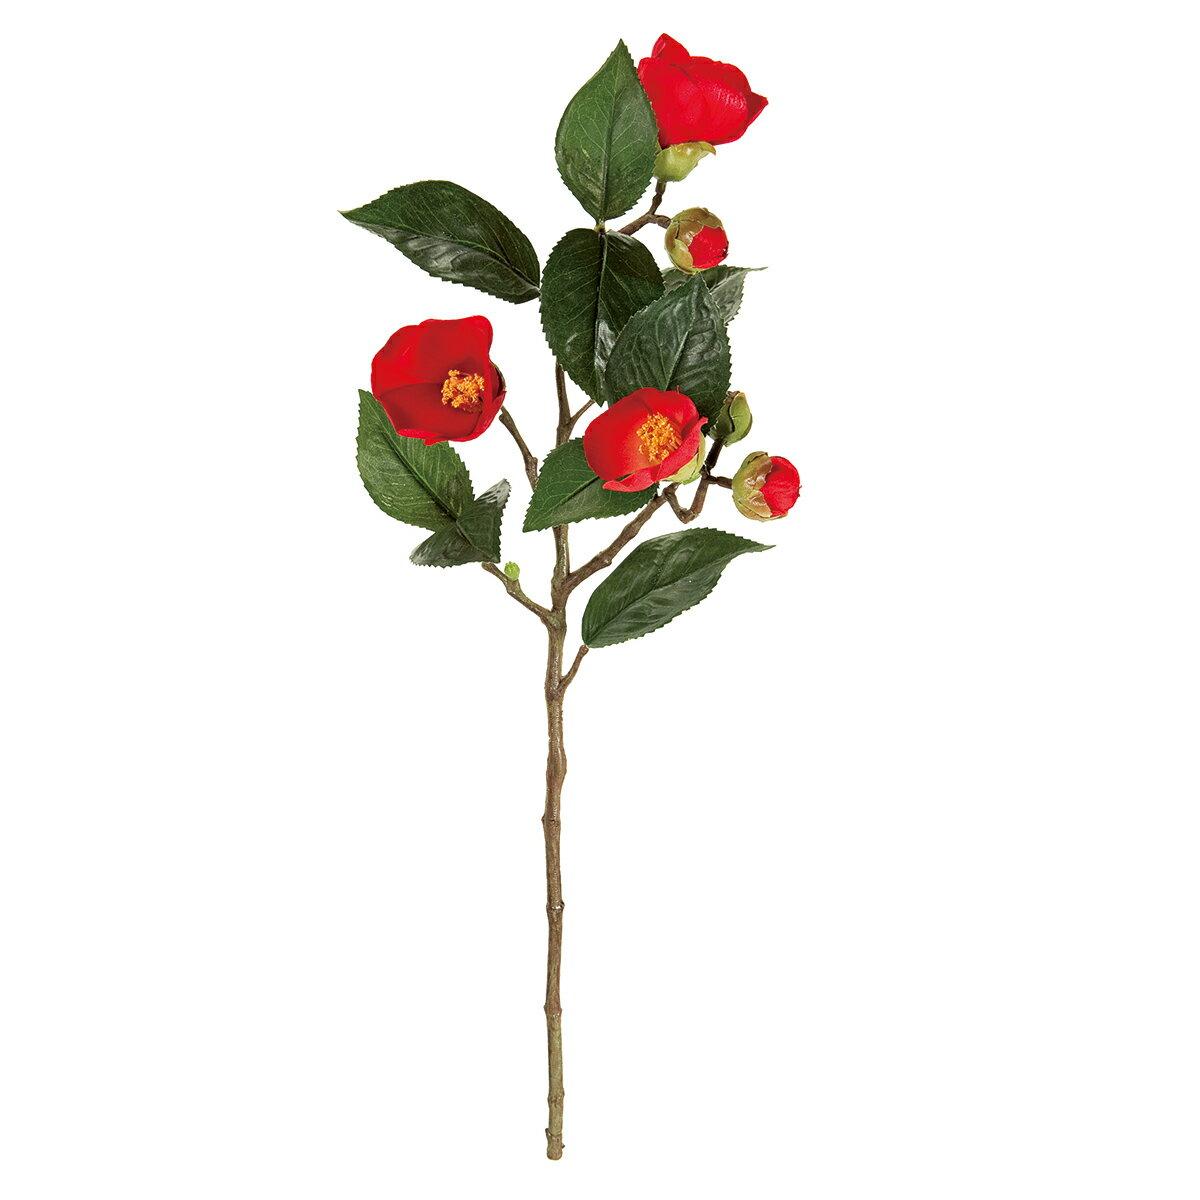 【造花】MAGIQ(東京堂)/祝い椿 #28  RED /FJ002634-028【01】【取寄】《 造花(アーティフィシャルフラワー) 造花 花材「た行」 ツバキ(椿) 》